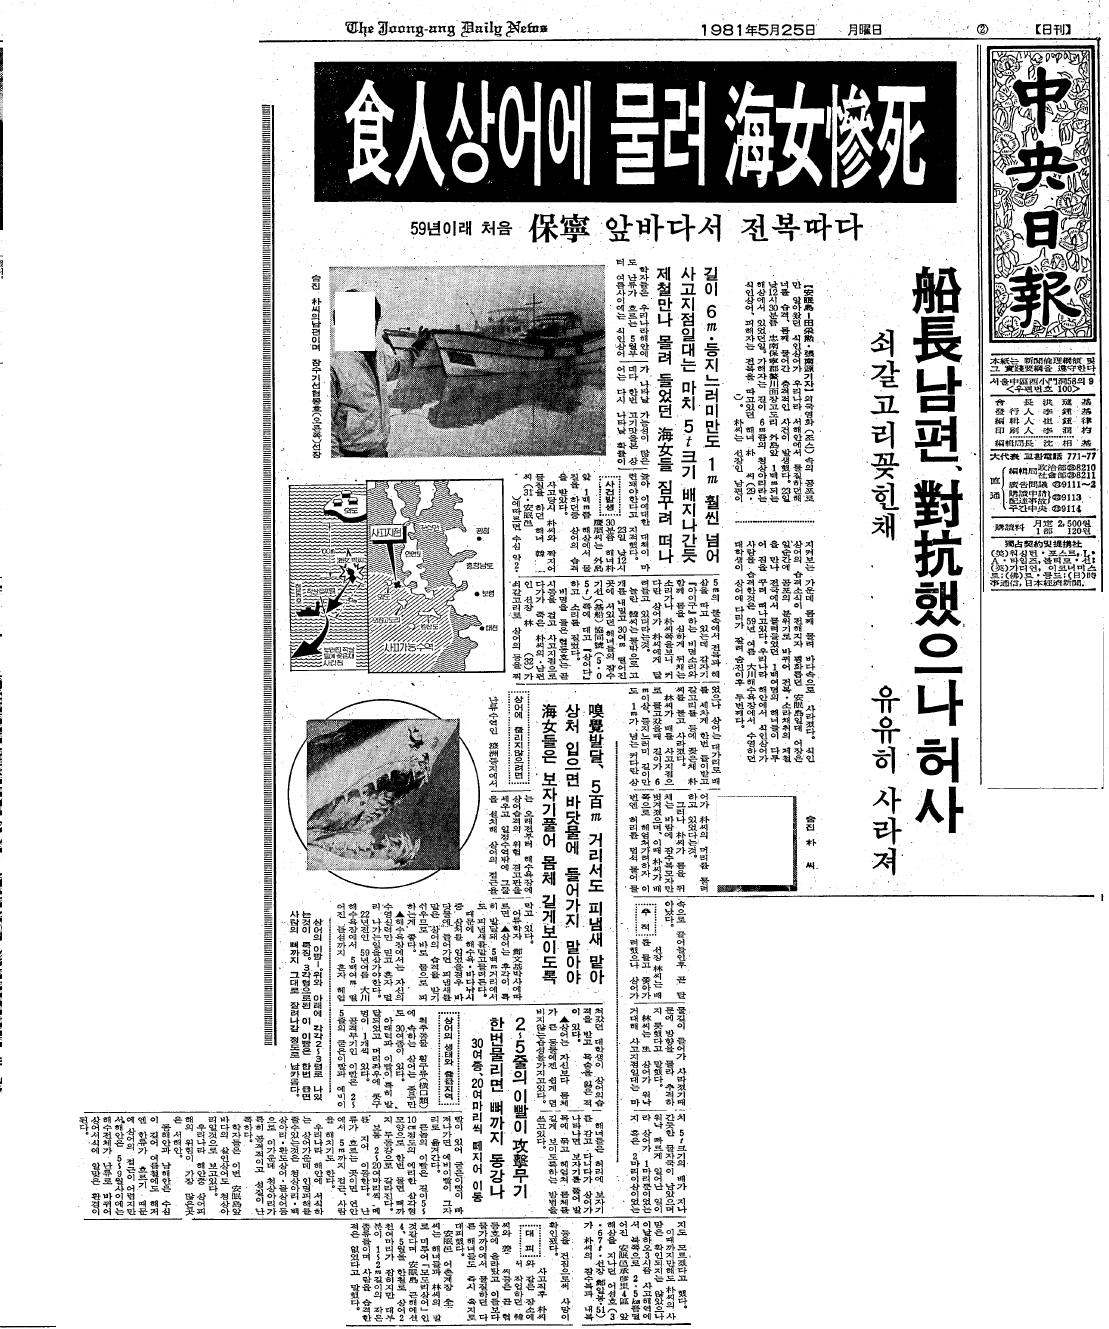 """""""식인 상어에 물려 해녀 참사 - 선장 남편이 대항했으나 허사""""라는 제목의 중앙일보 1981년 5월 25일 기사. (피해자 인적 사항 등과 관련된 일부 내용은 삭제했음)"""